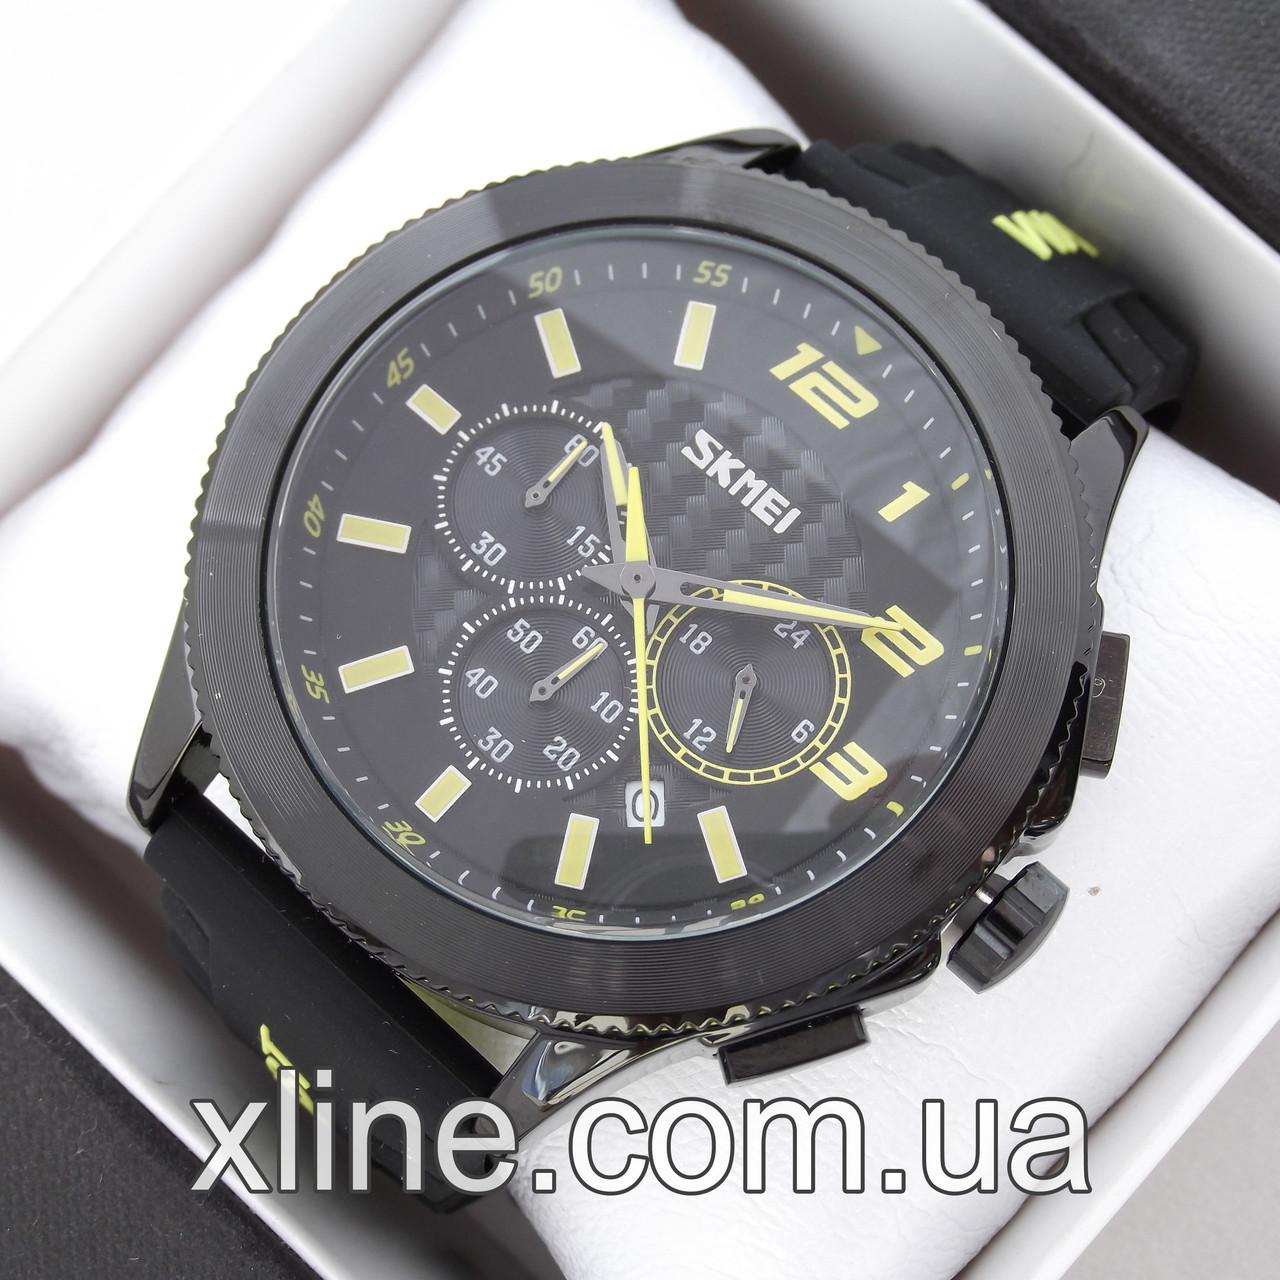 Чоловічі наручні годинники Skmei 9136 на каучуковому ремінці